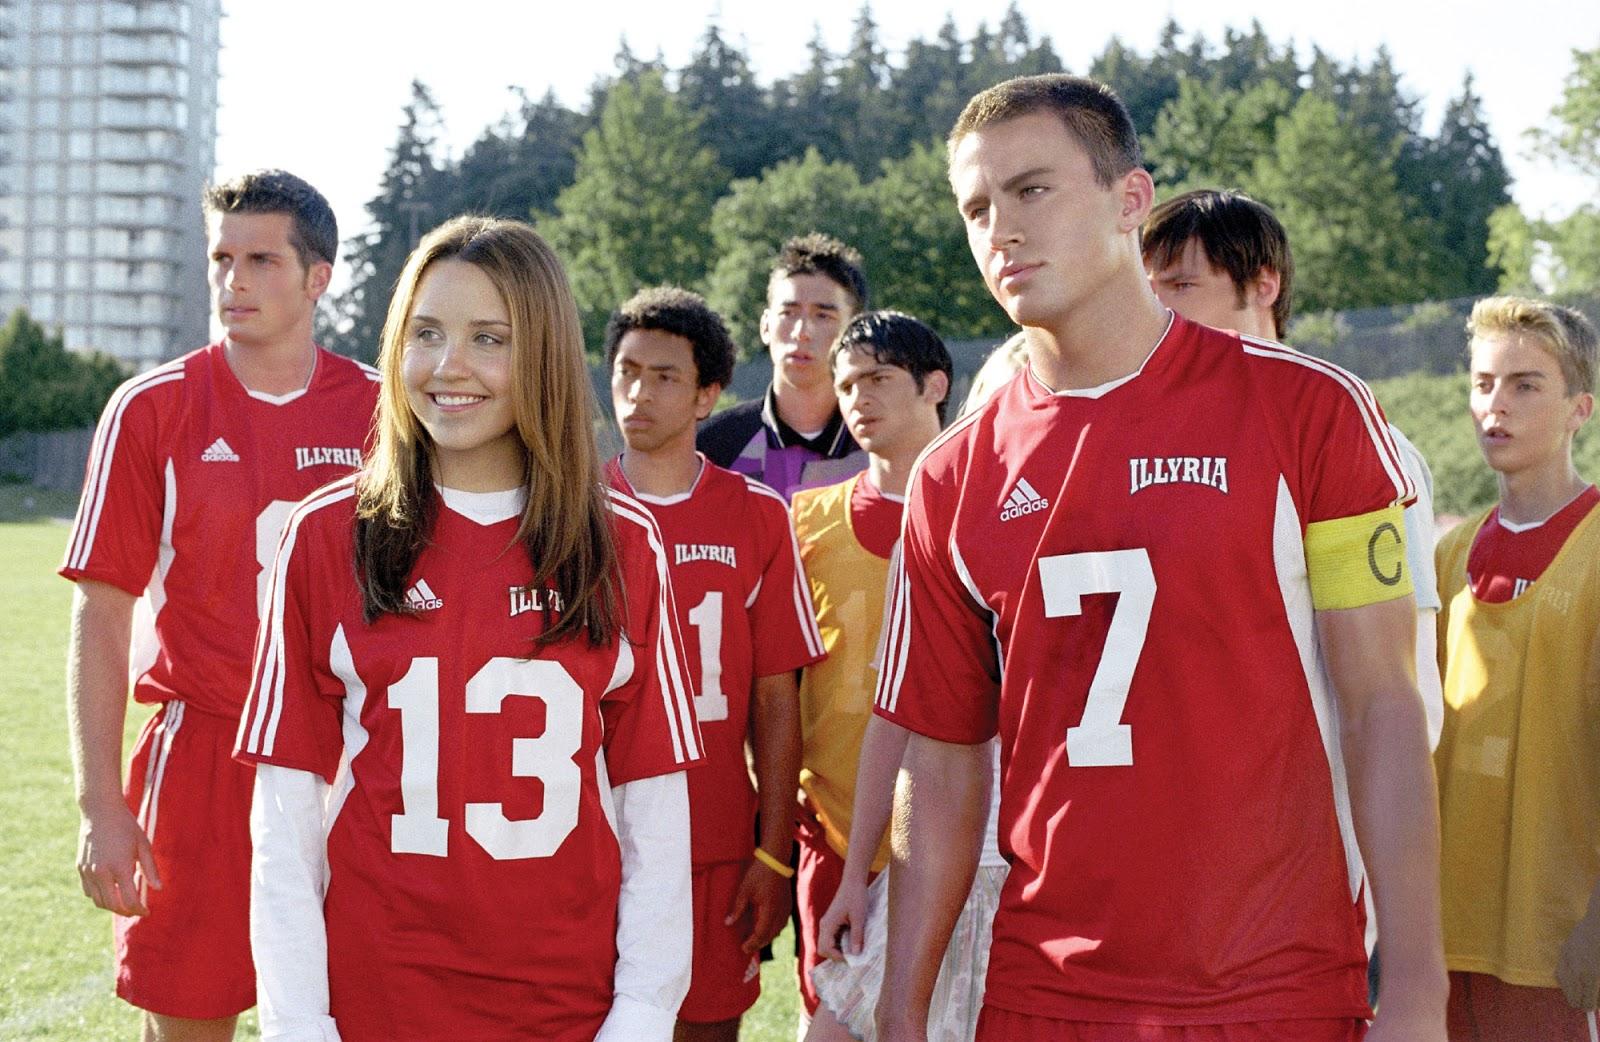 Filme «Ele é...Ela» com Channing Tatum